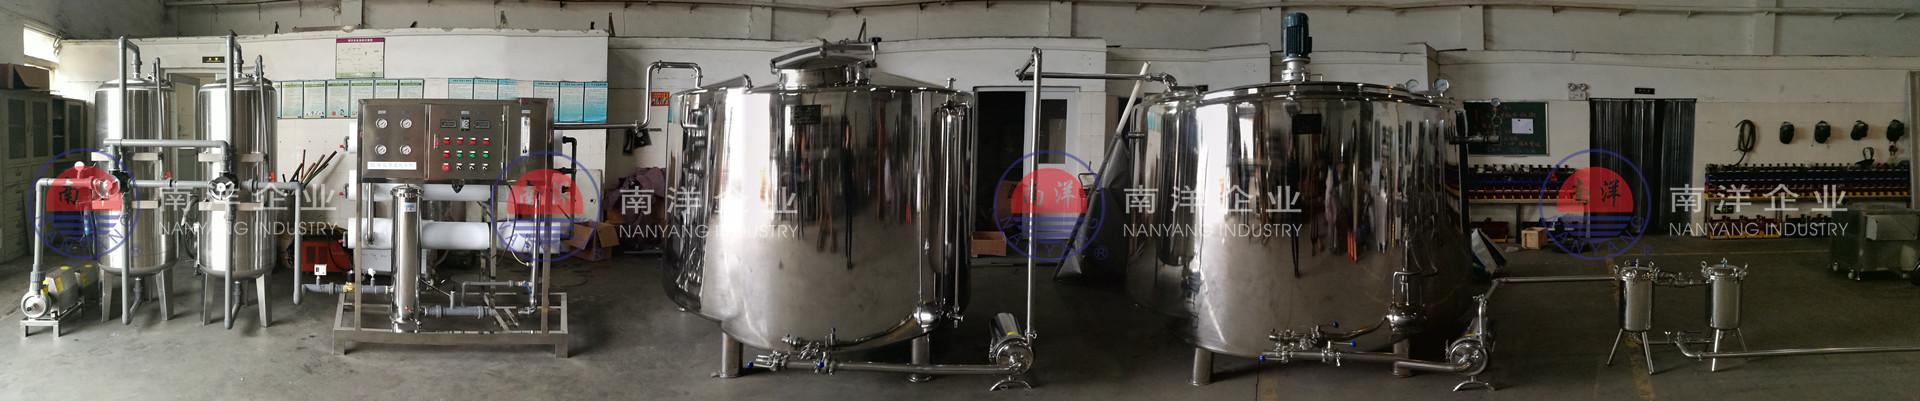 广州番禺区一南洋食品机械设备厂